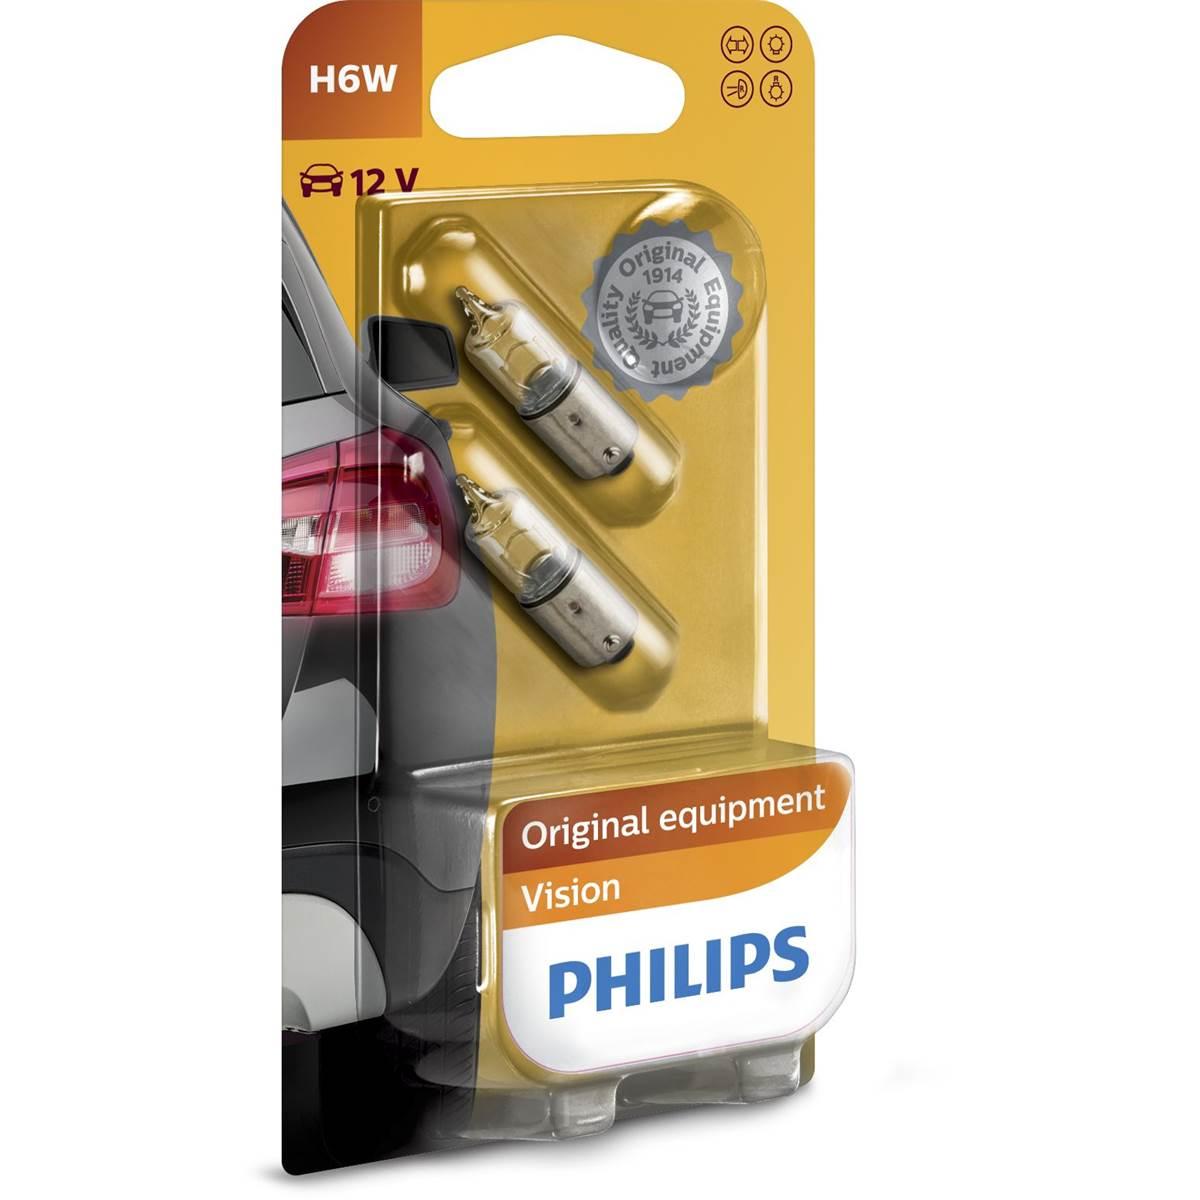 2 ampoules Philips premium Vision H6W